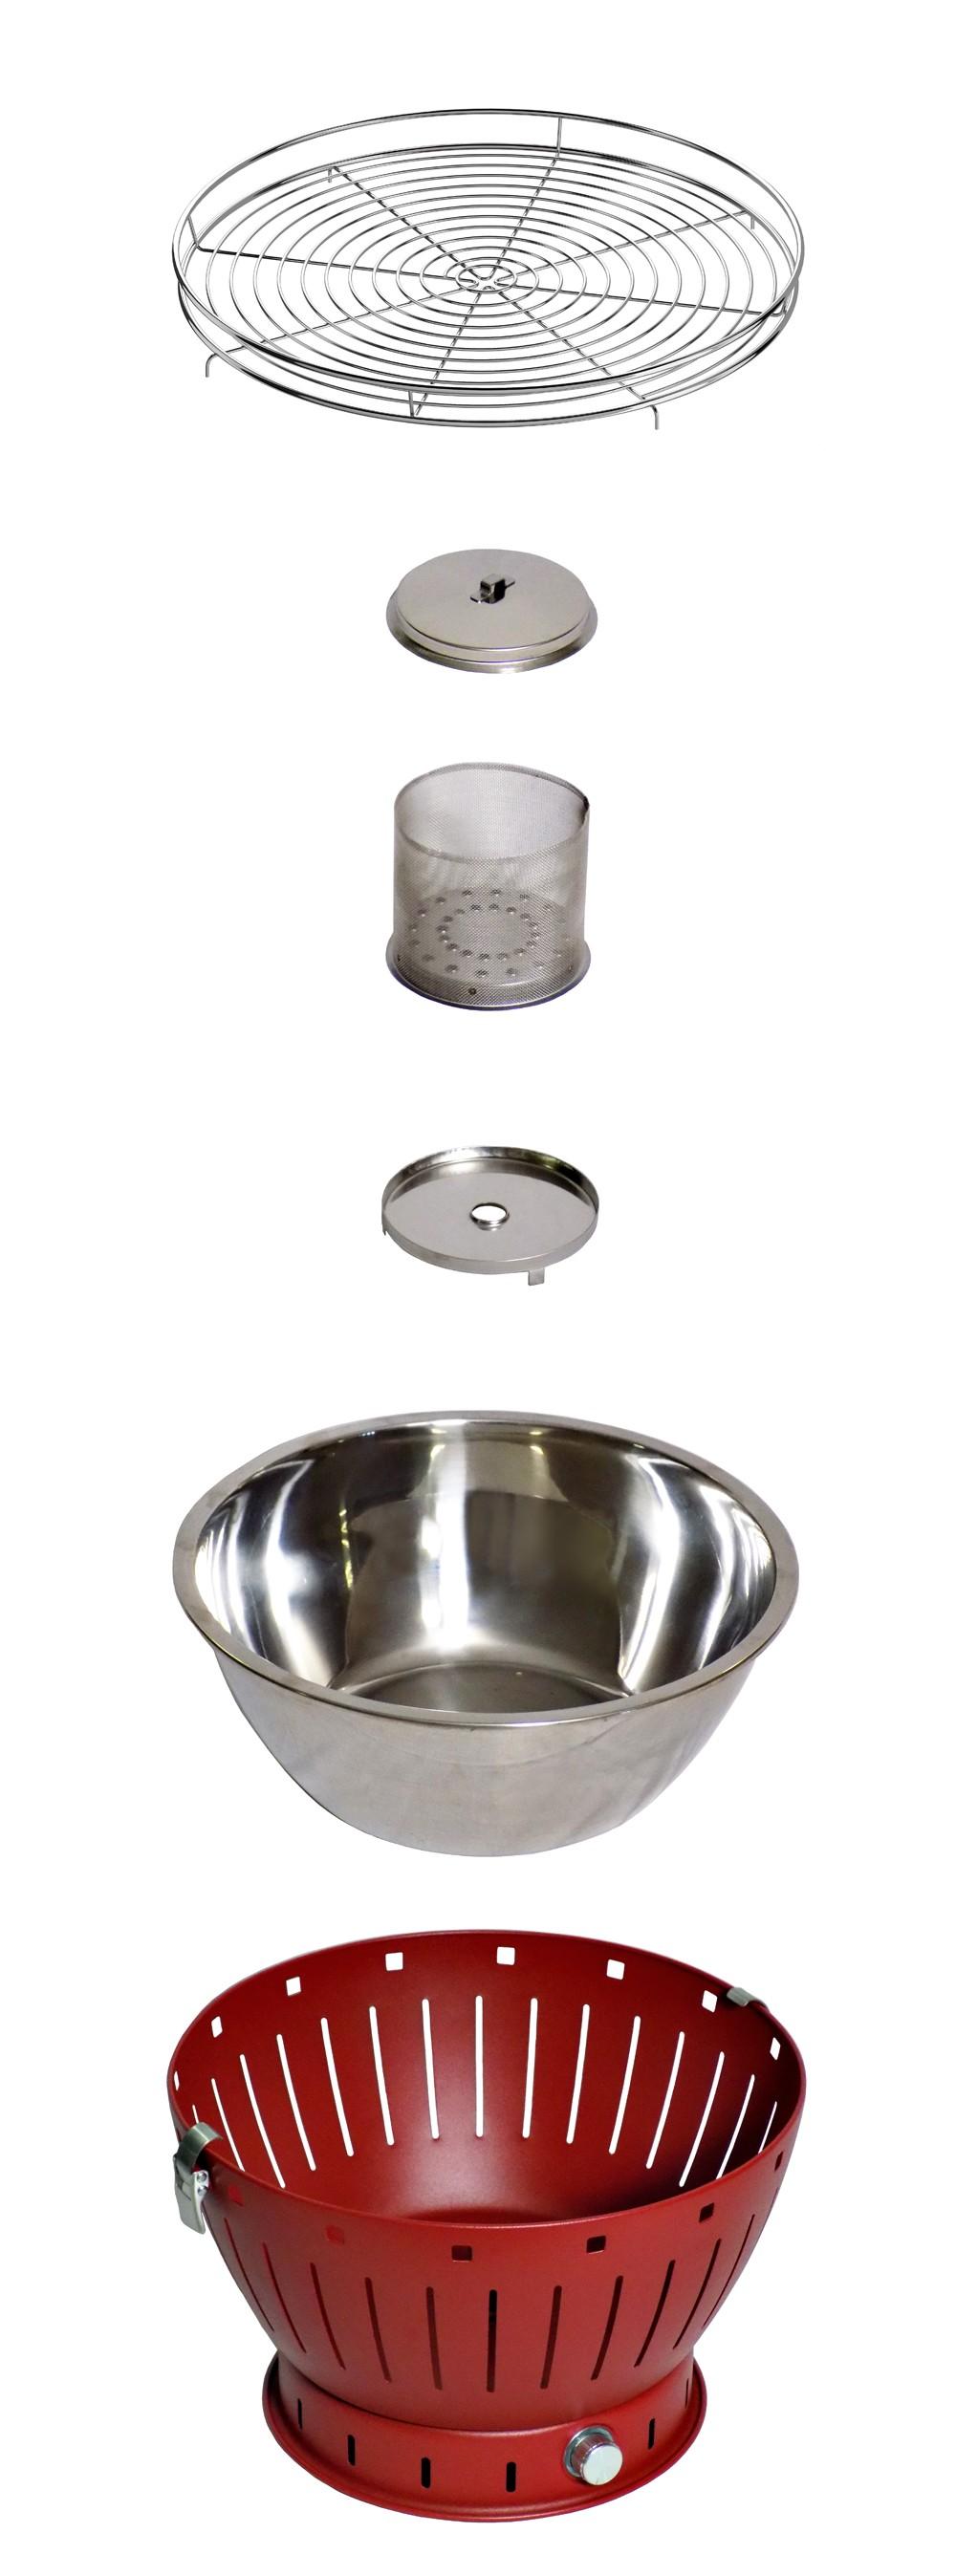 Rauchfreier Grill / Tischgrill JustGrill My Sahara Ø 34cm schwarz Bild 2